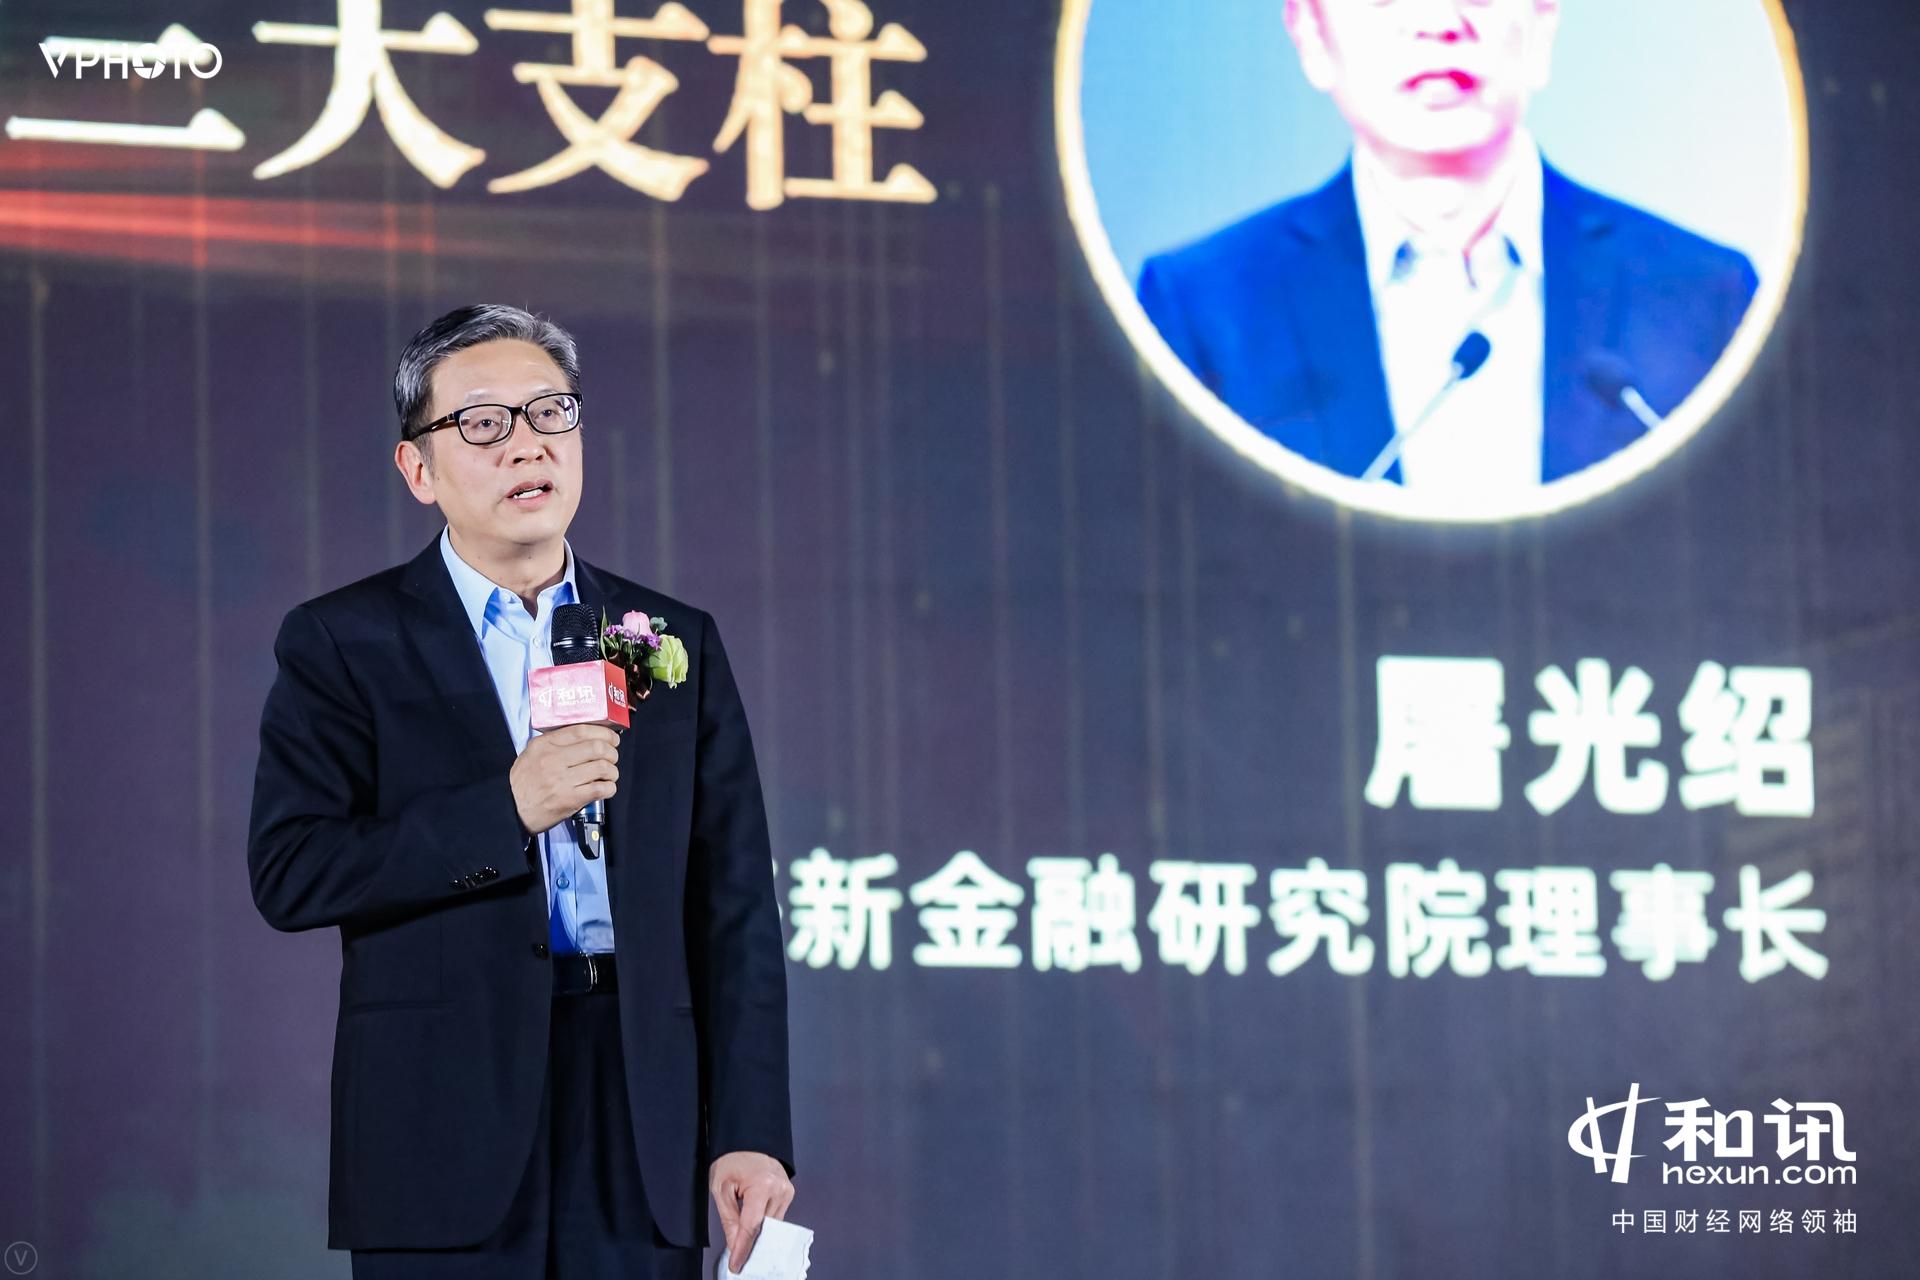 上海新金融研究院理事长屠光绍